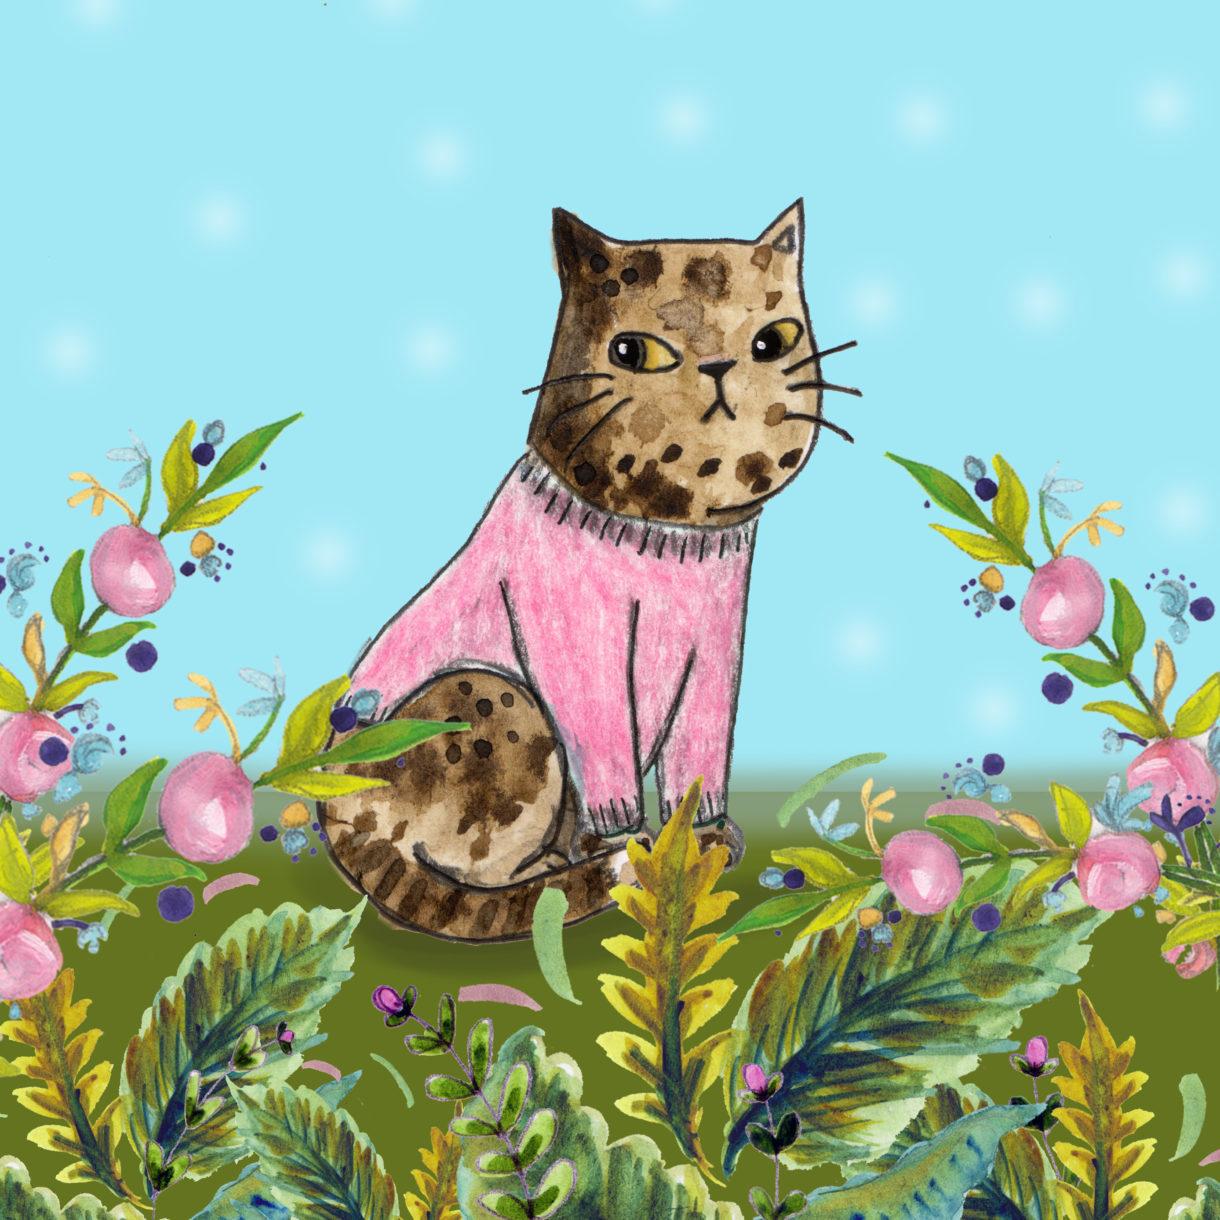 Cat int garden